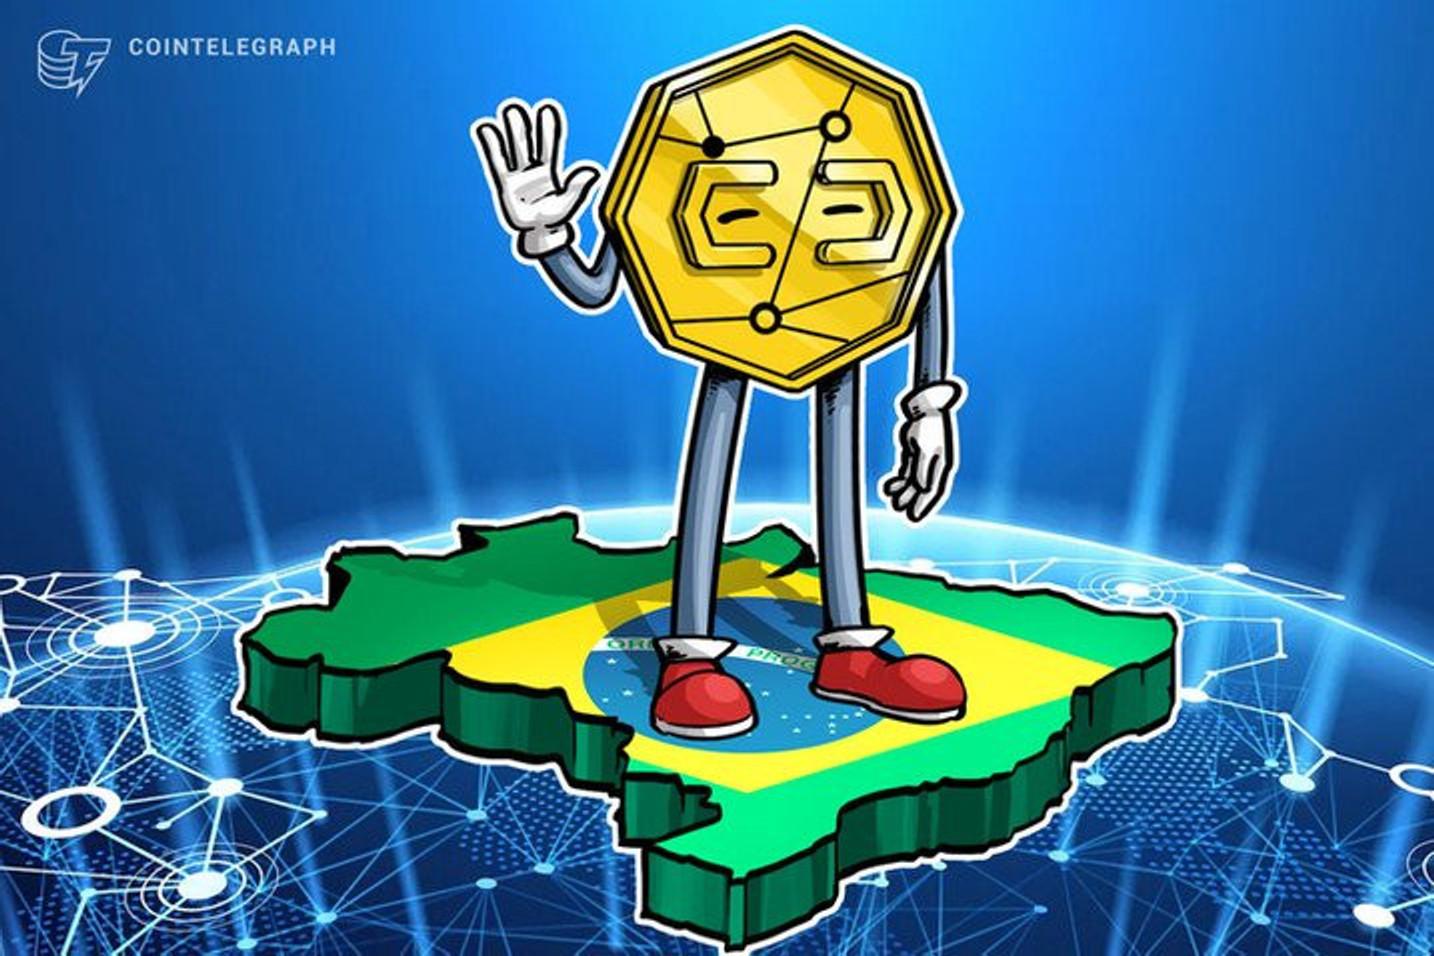 Carteira de criptomoedas descentralizada da Status chega ao Brasil prometendo integrar brasileiros a DeFi e Dapps